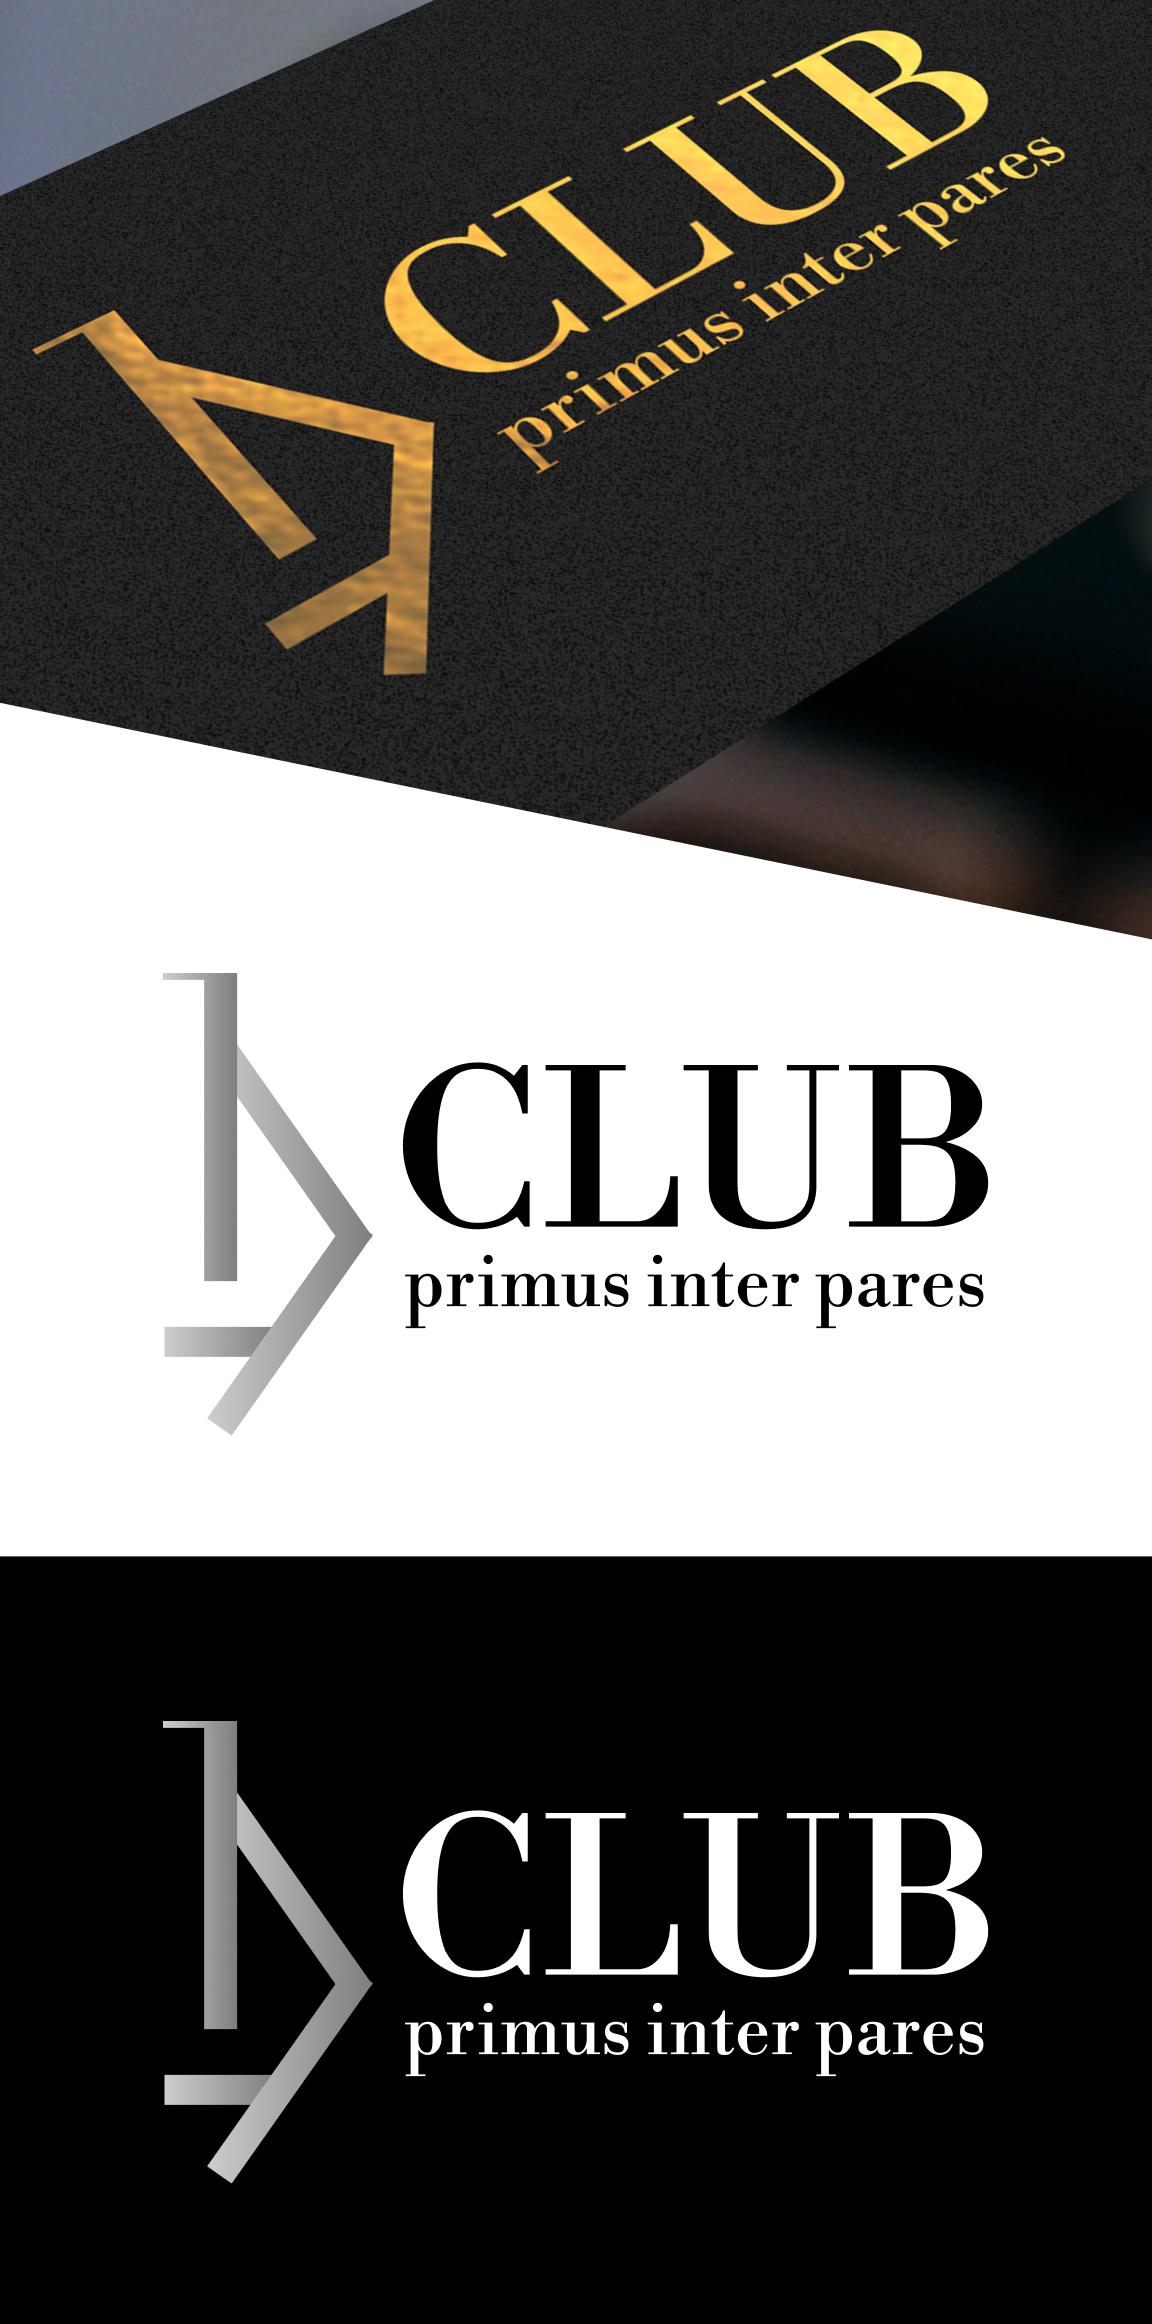 Логотип делового клуба фото f_0995f871016ae5e1.jpg